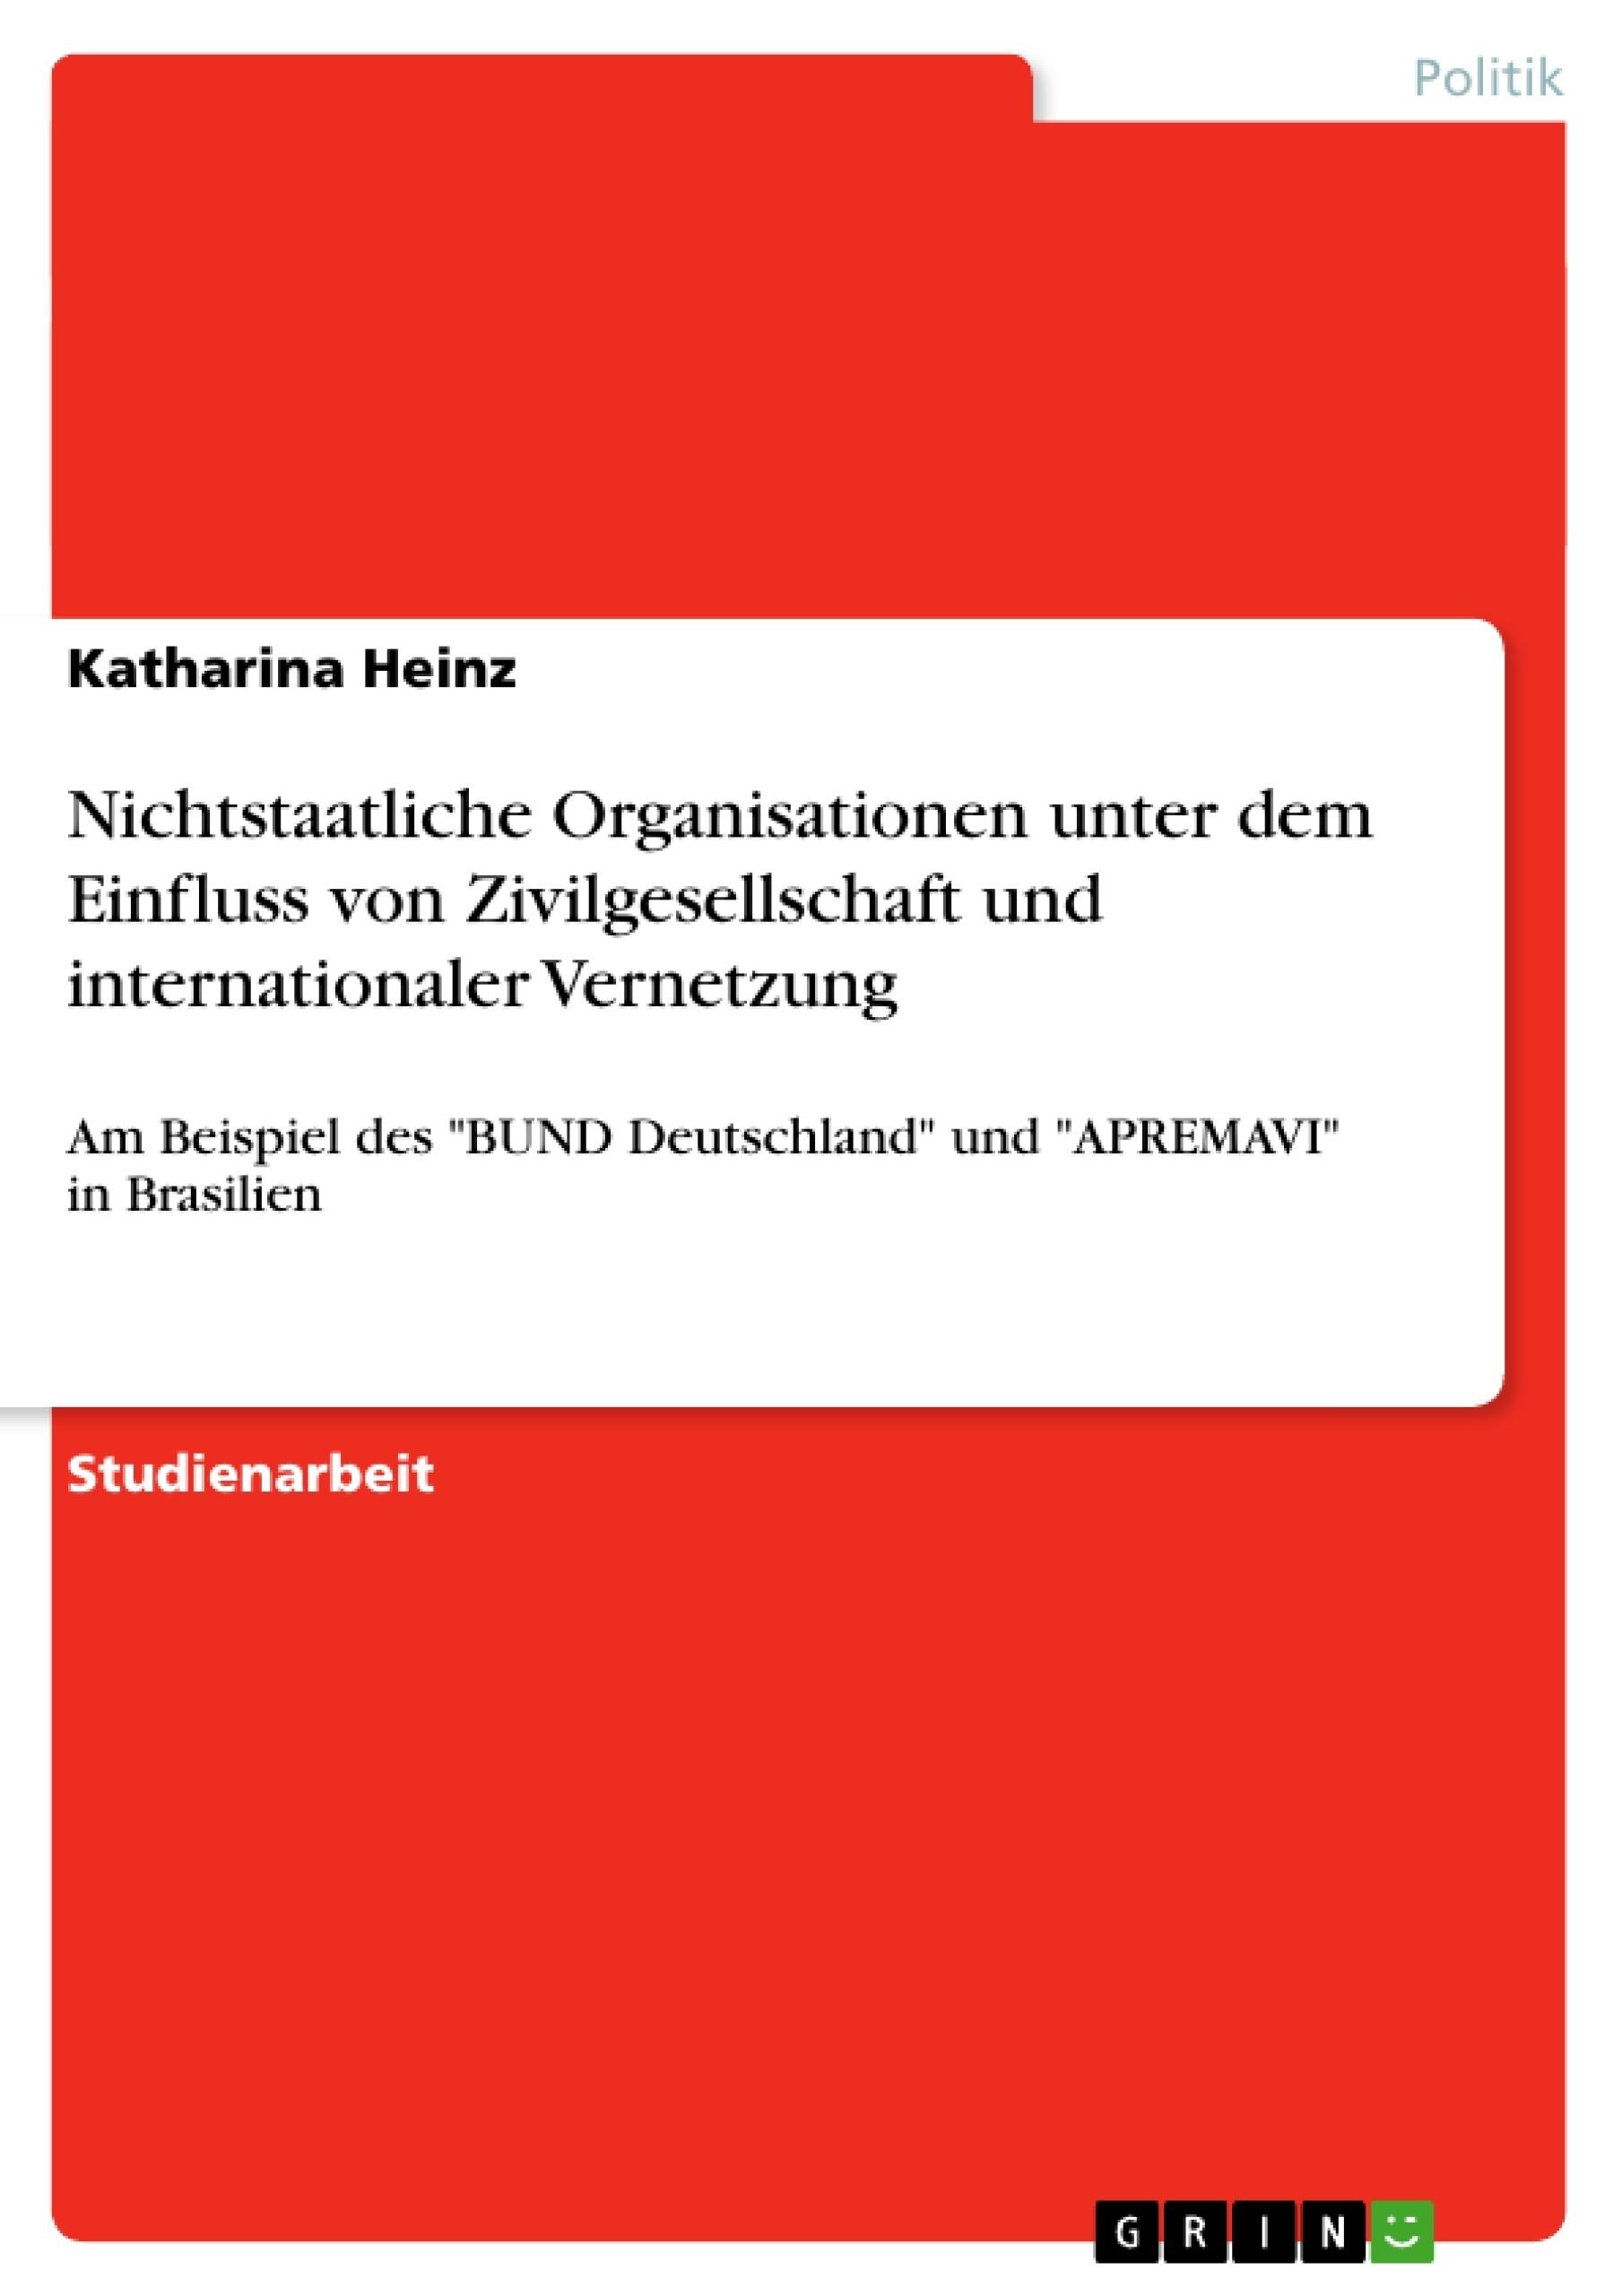 Titel: Nichtstaatliche Organisationen unter dem Einfluss von Zivilgesellschaft und internationaler Vernetzung